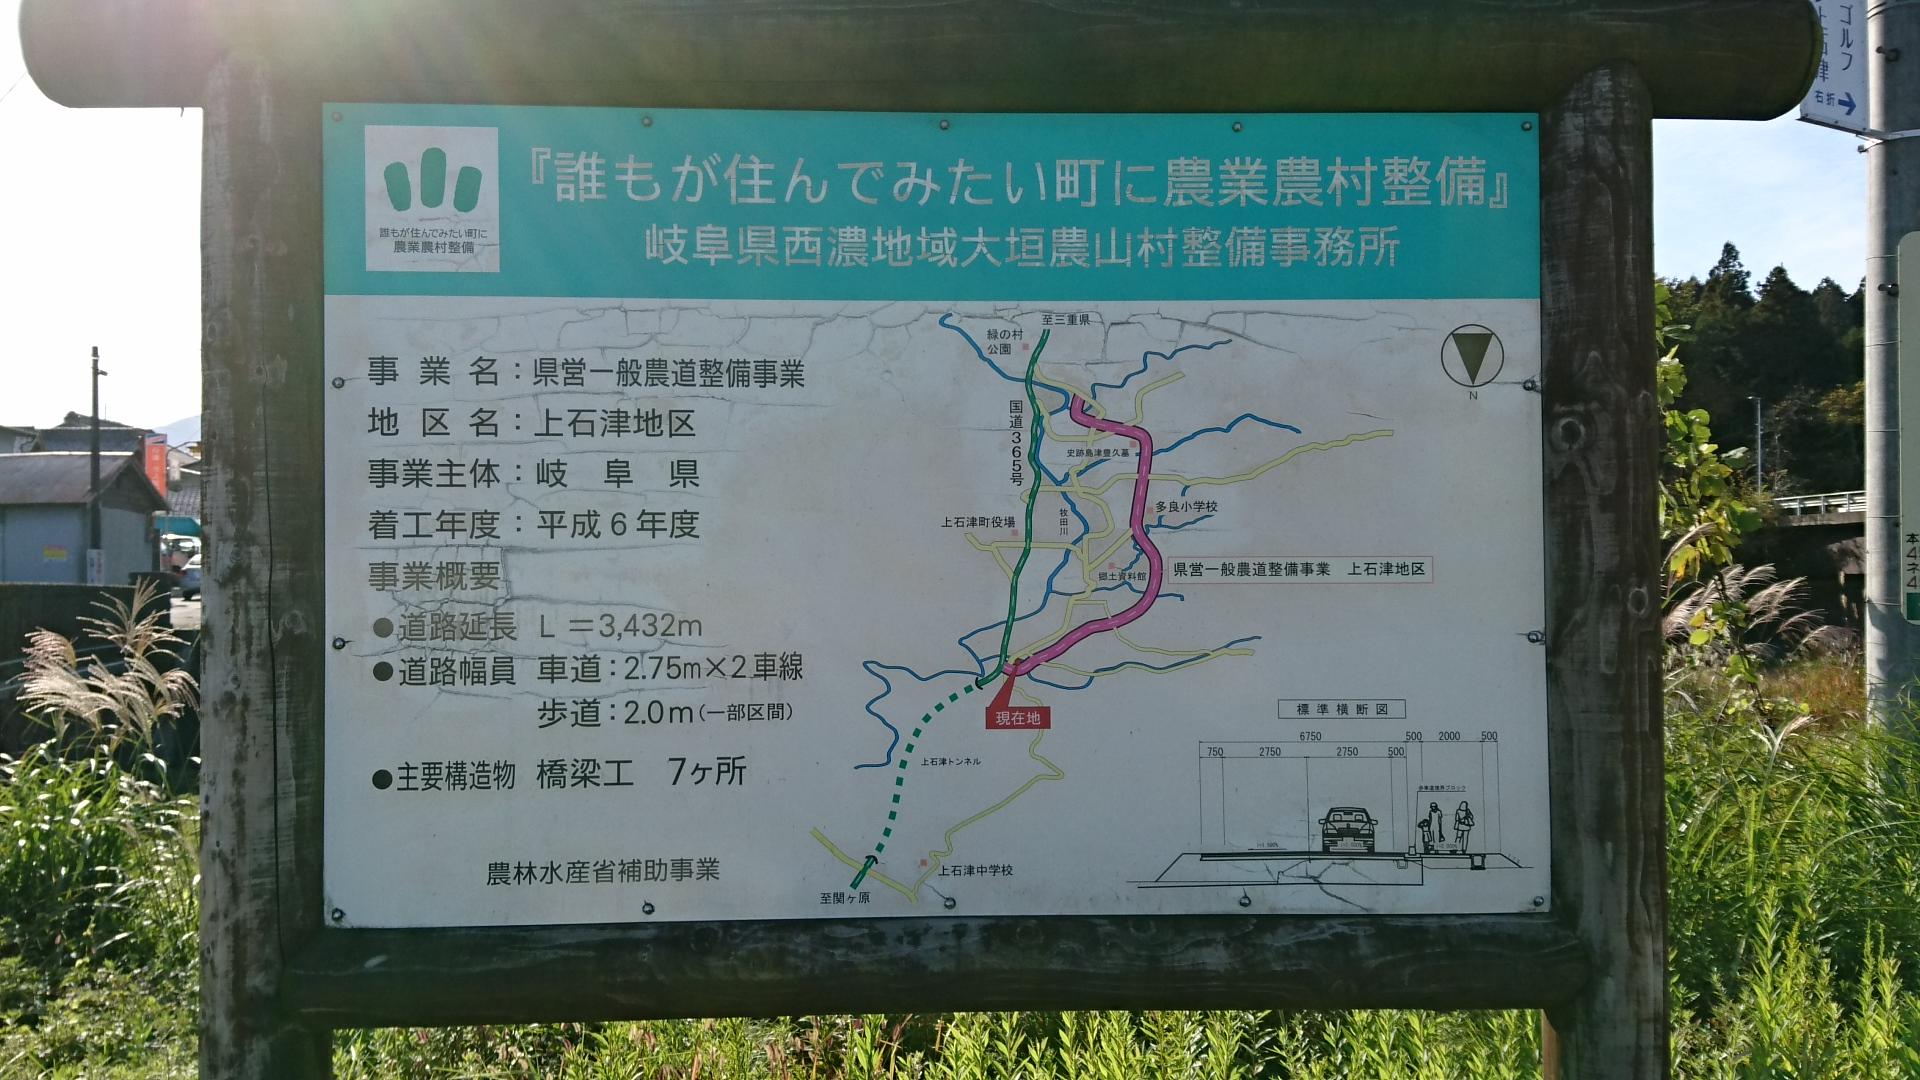 2016.11.16 上石津 (62) 下多良 - しもたらばし